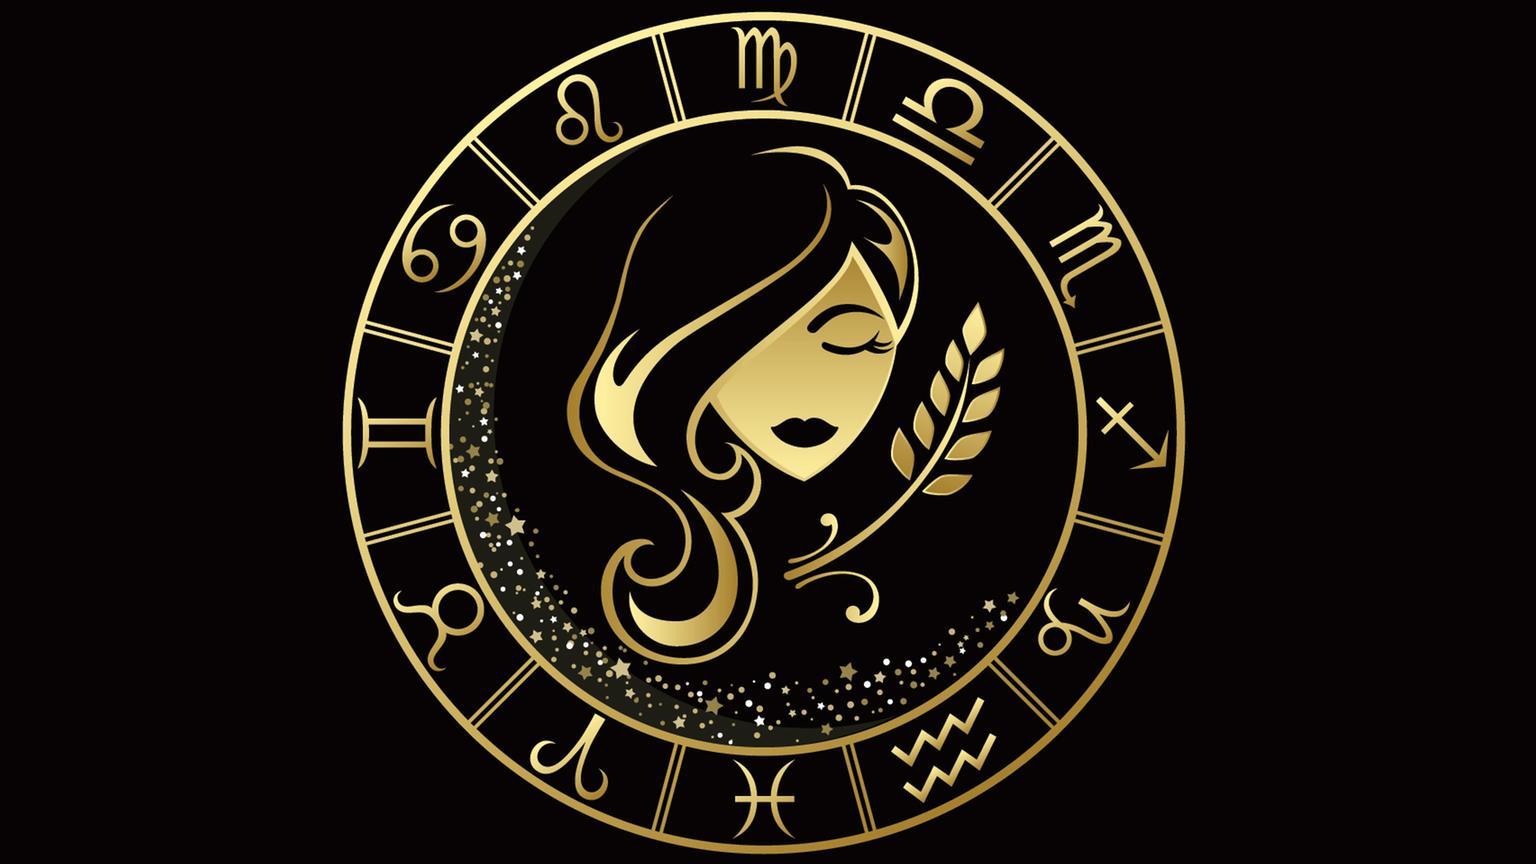 portrait astrologique de la vierge ascendant balance esteban frederic. Black Bedroom Furniture Sets. Home Design Ideas